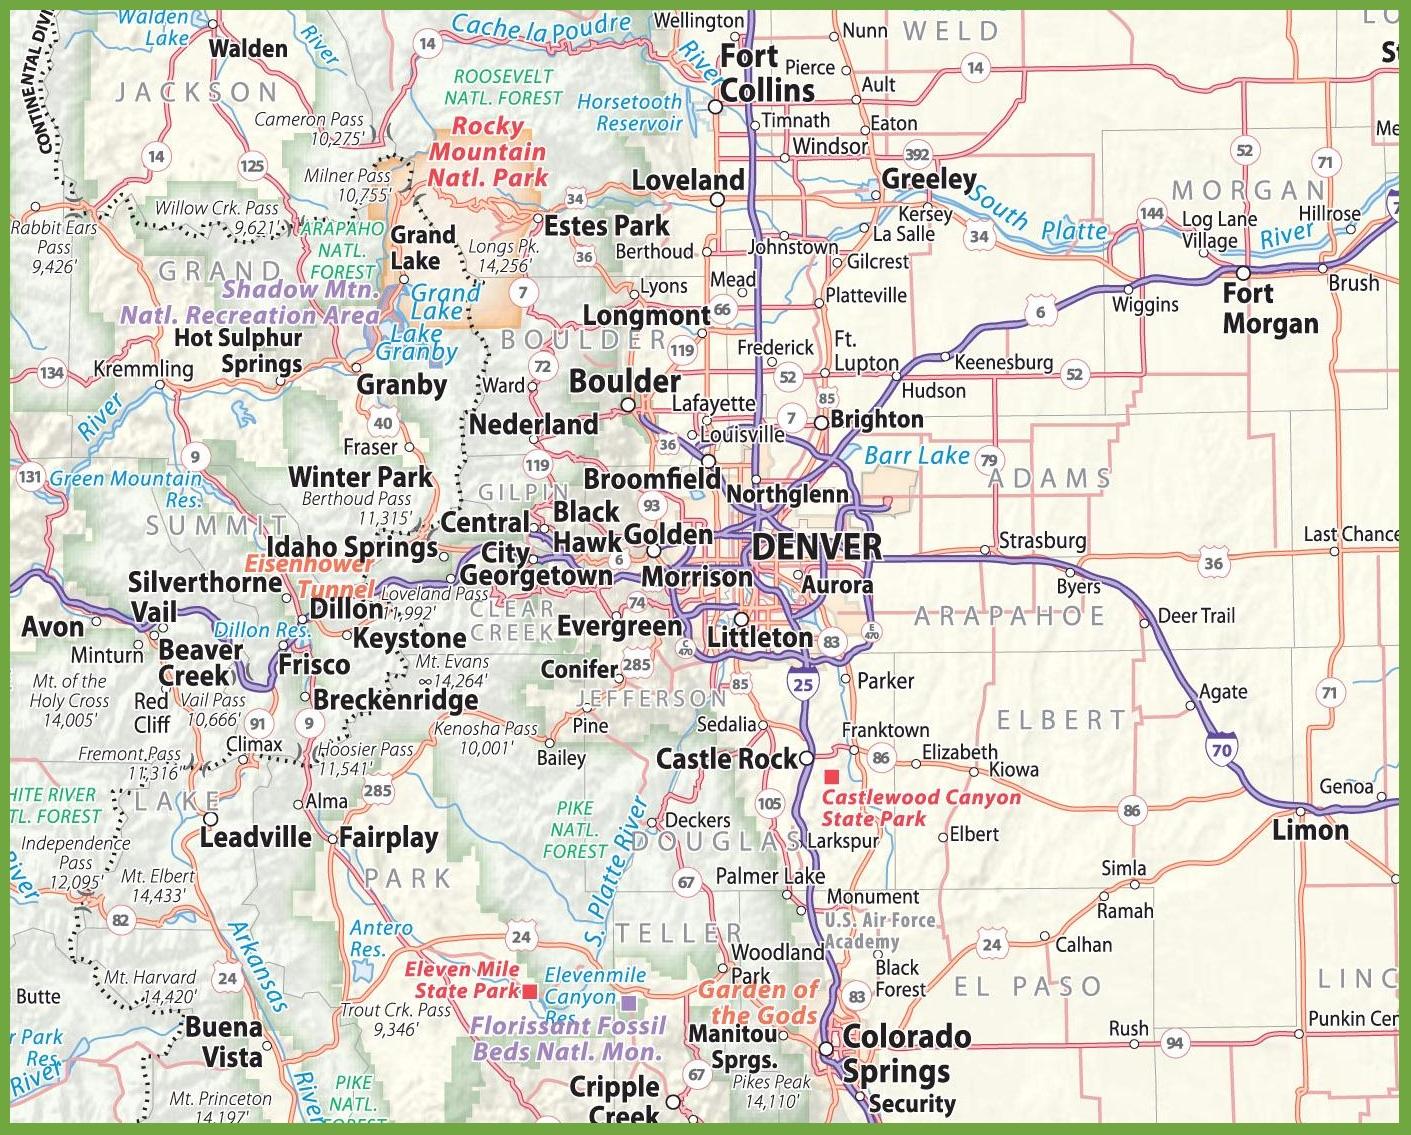 Denver Area Road Map